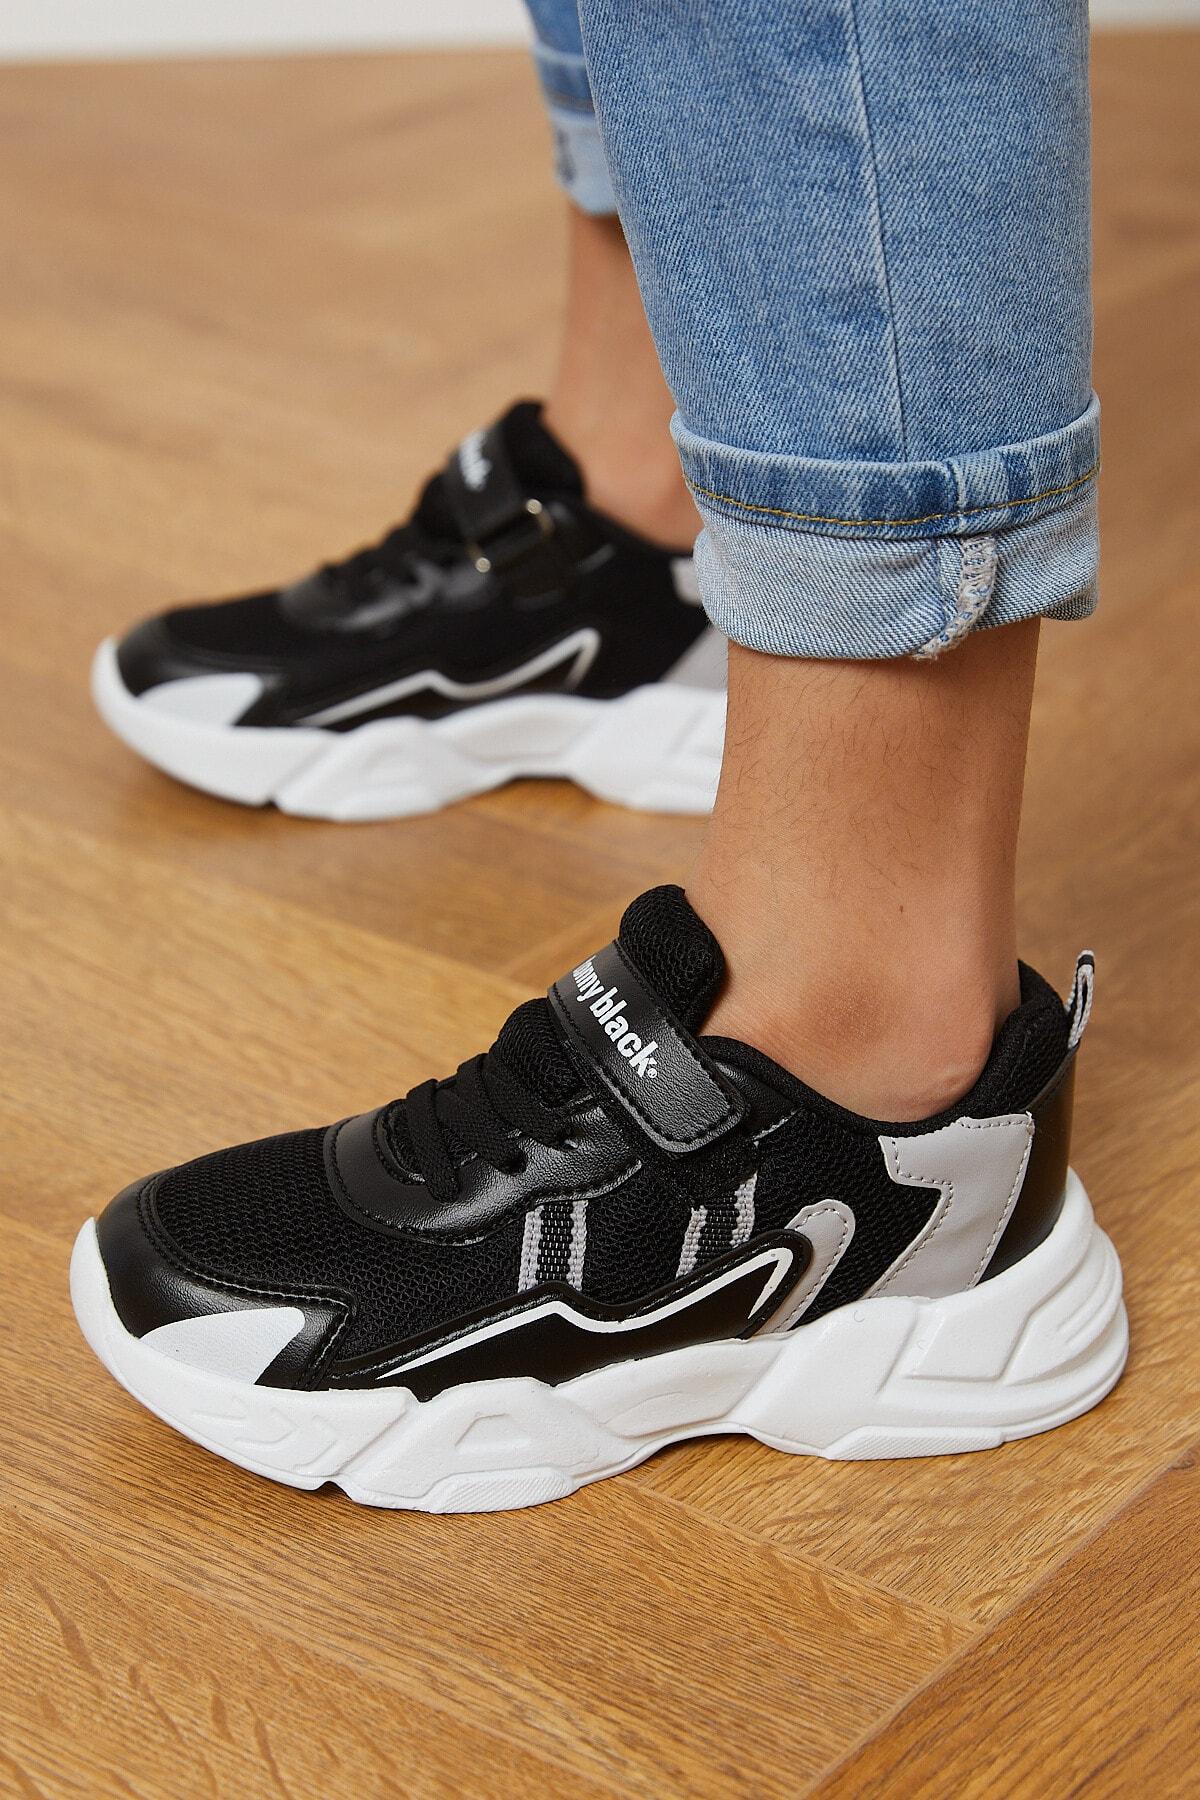 سفارش نقدی کفش اسپرت ارزان مارک تونی بلک رنگ مشکی کد ty90985470